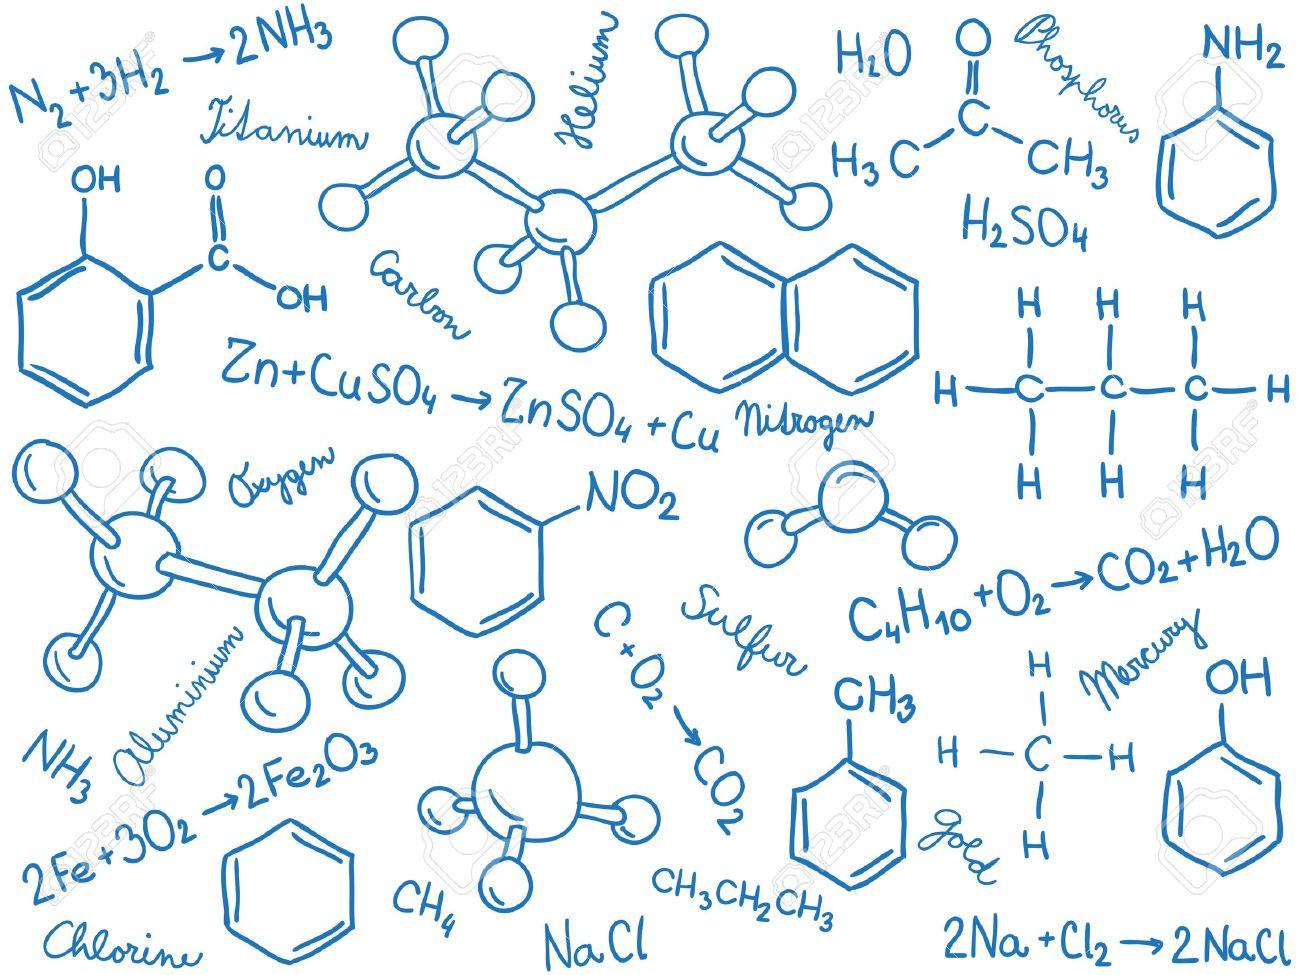 化学背景 - 分子モデルと数式、...